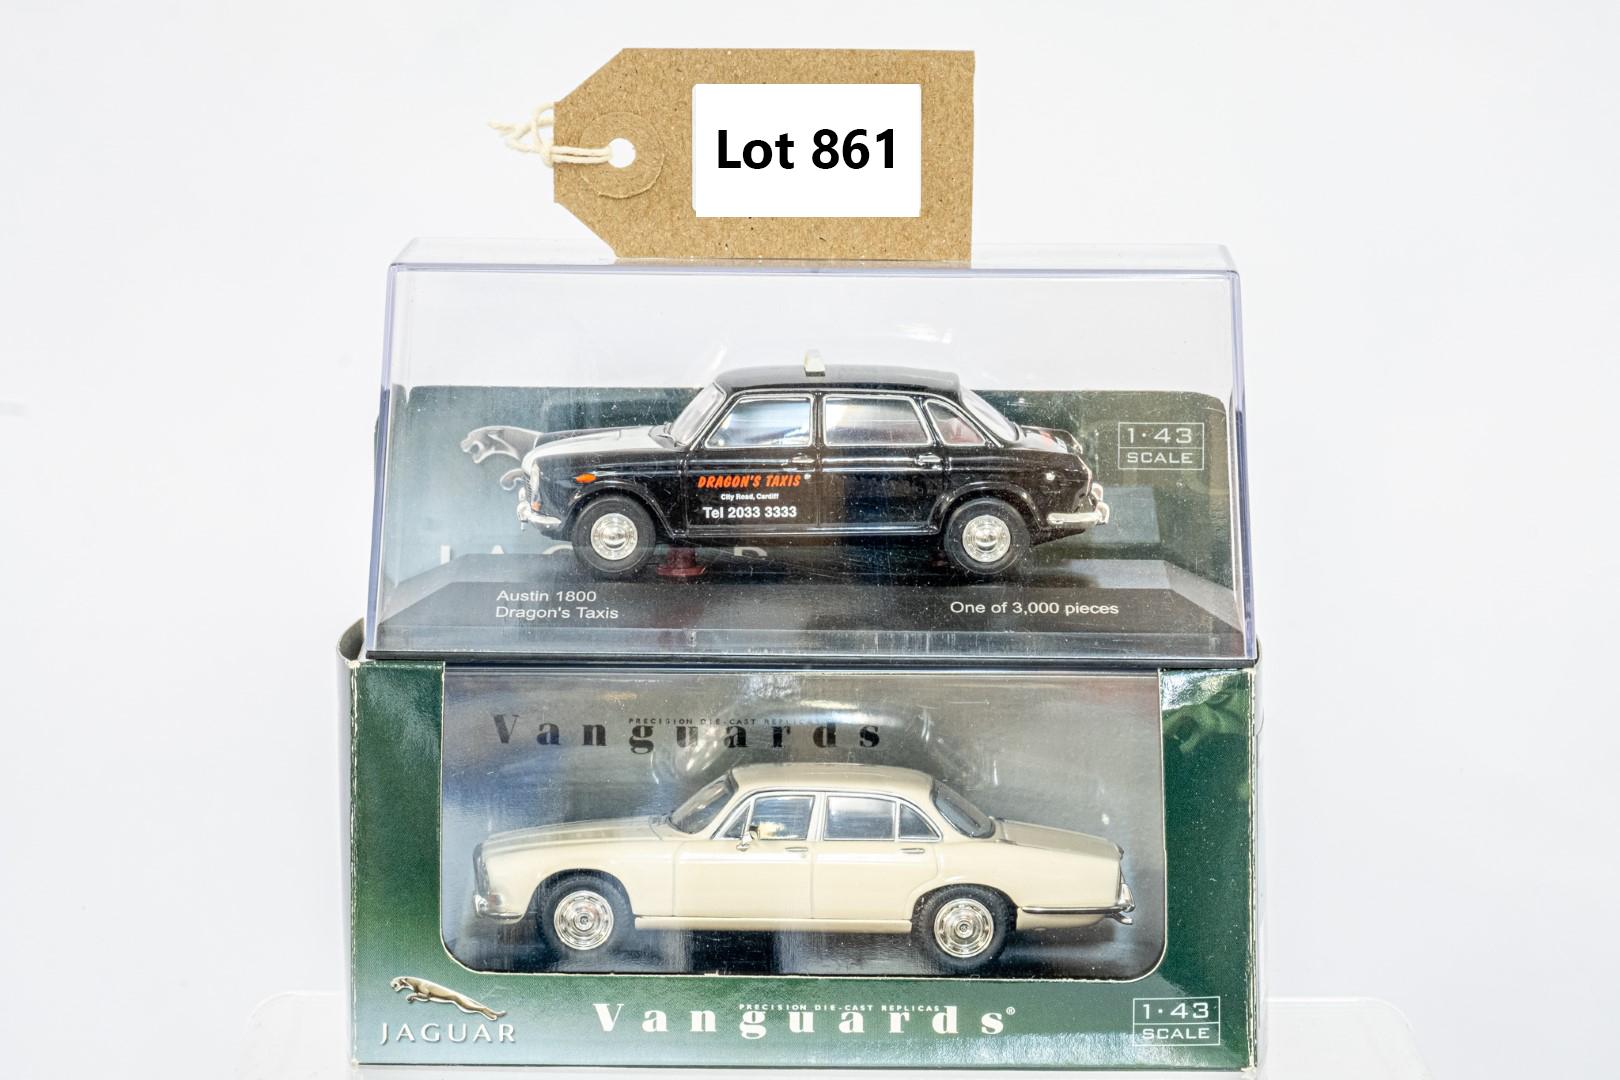 Vanguards Austin 1800 - Dragon's Taxis / Daimler Sovereign - Old English White